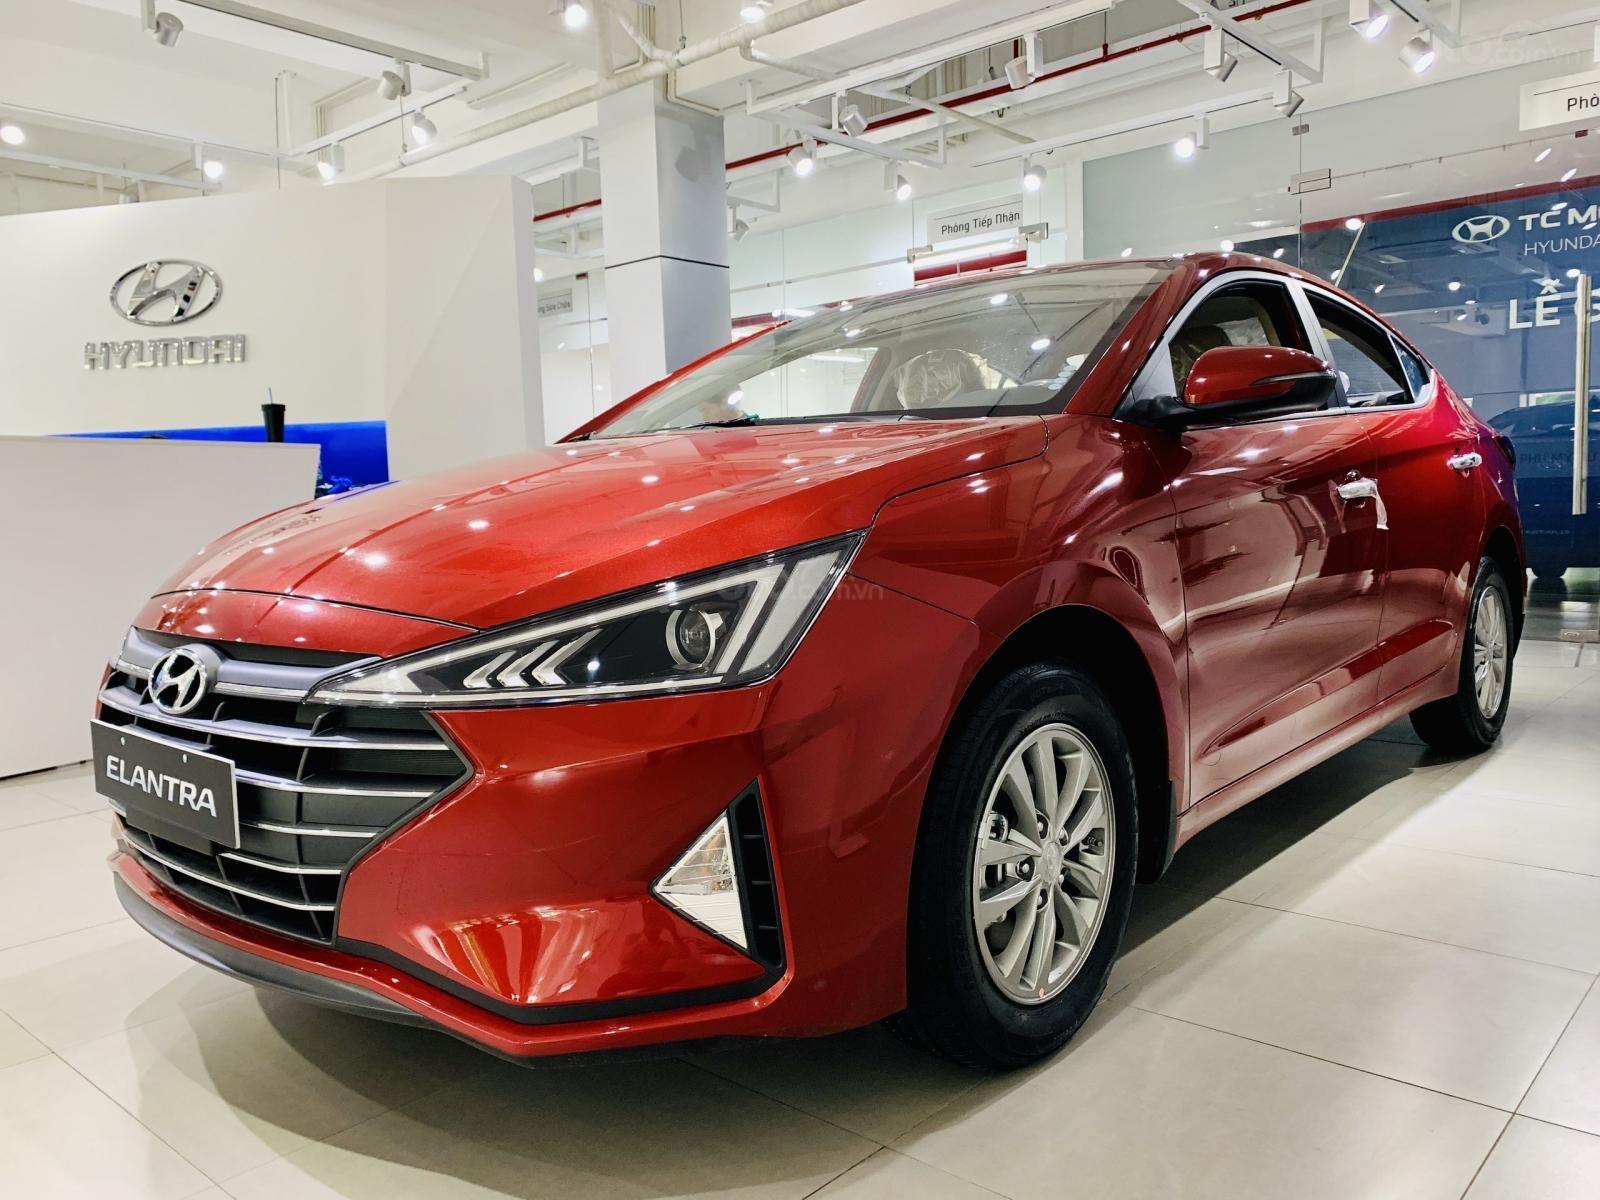 Hyundai Elantra giá bán cạnh tranh, khuyến mãi quà tặng phụ kiện giá trị thật, xe sẵn giao ngay (4)